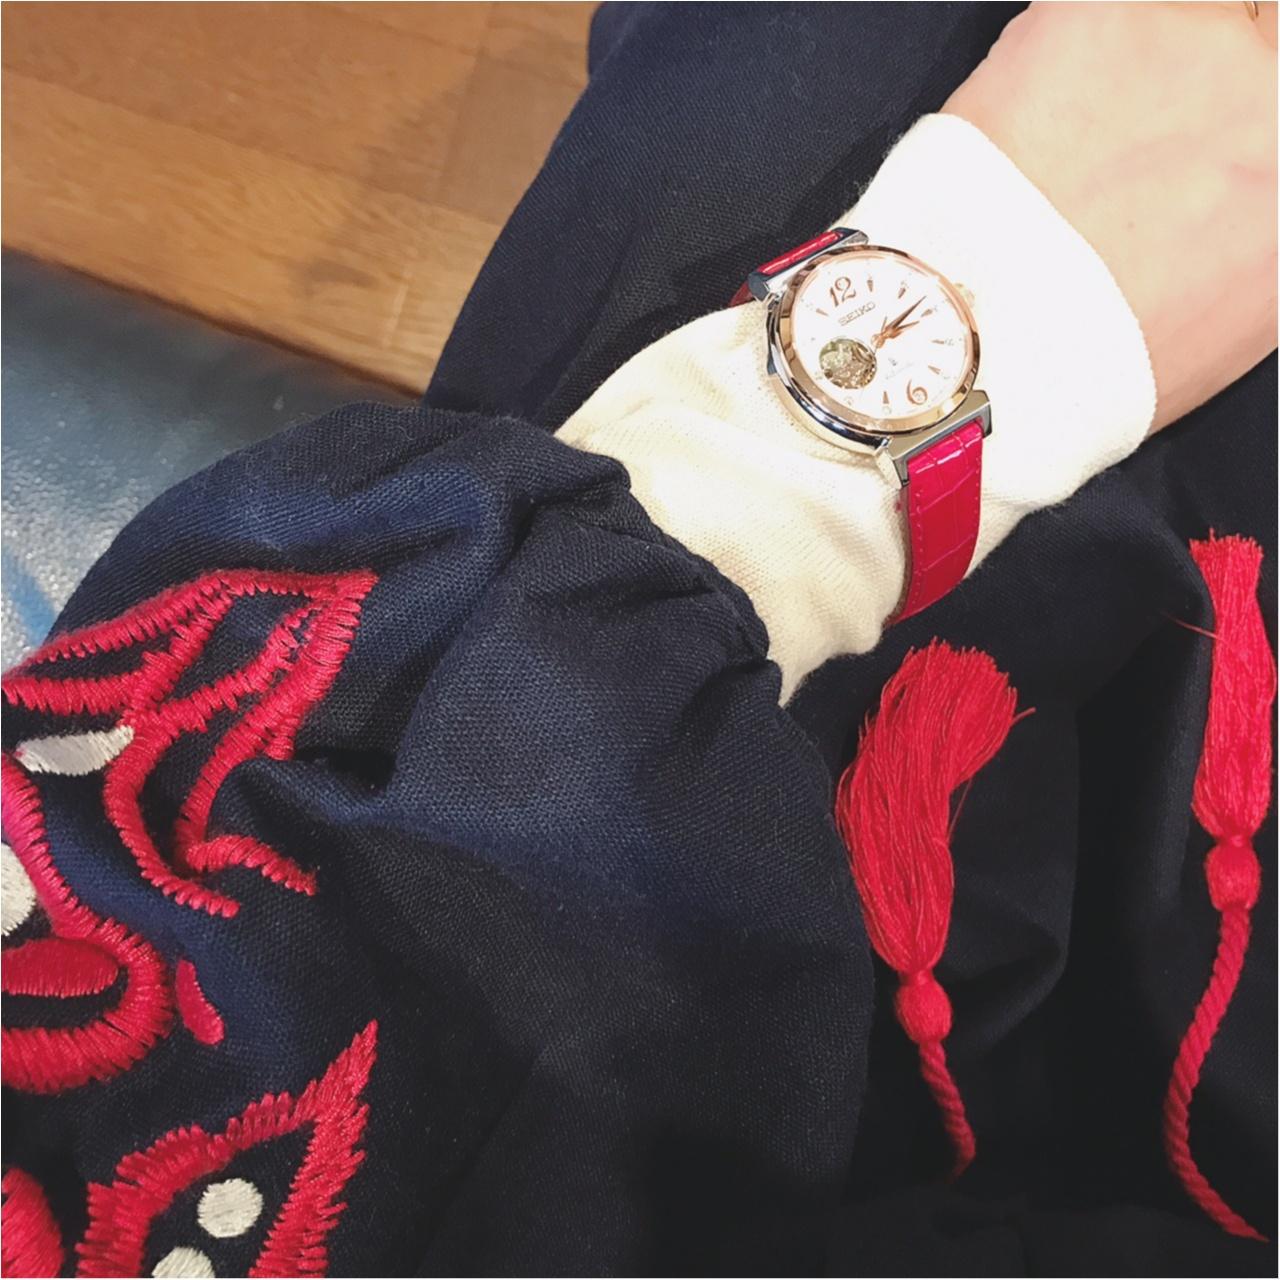 最強挿し色!秋冬は赤ベルトの時計が一番かわいい!_1